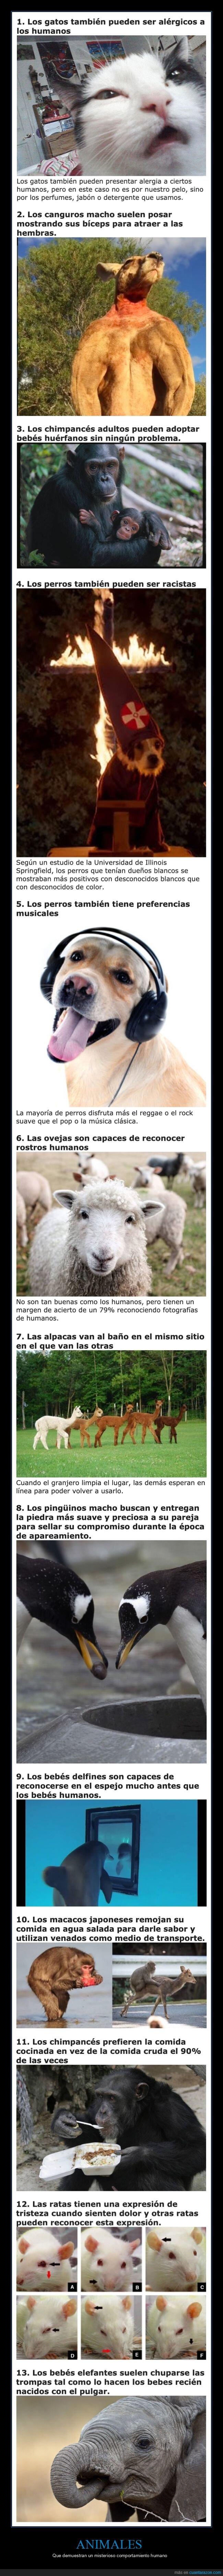 animales,comportamiento,humano